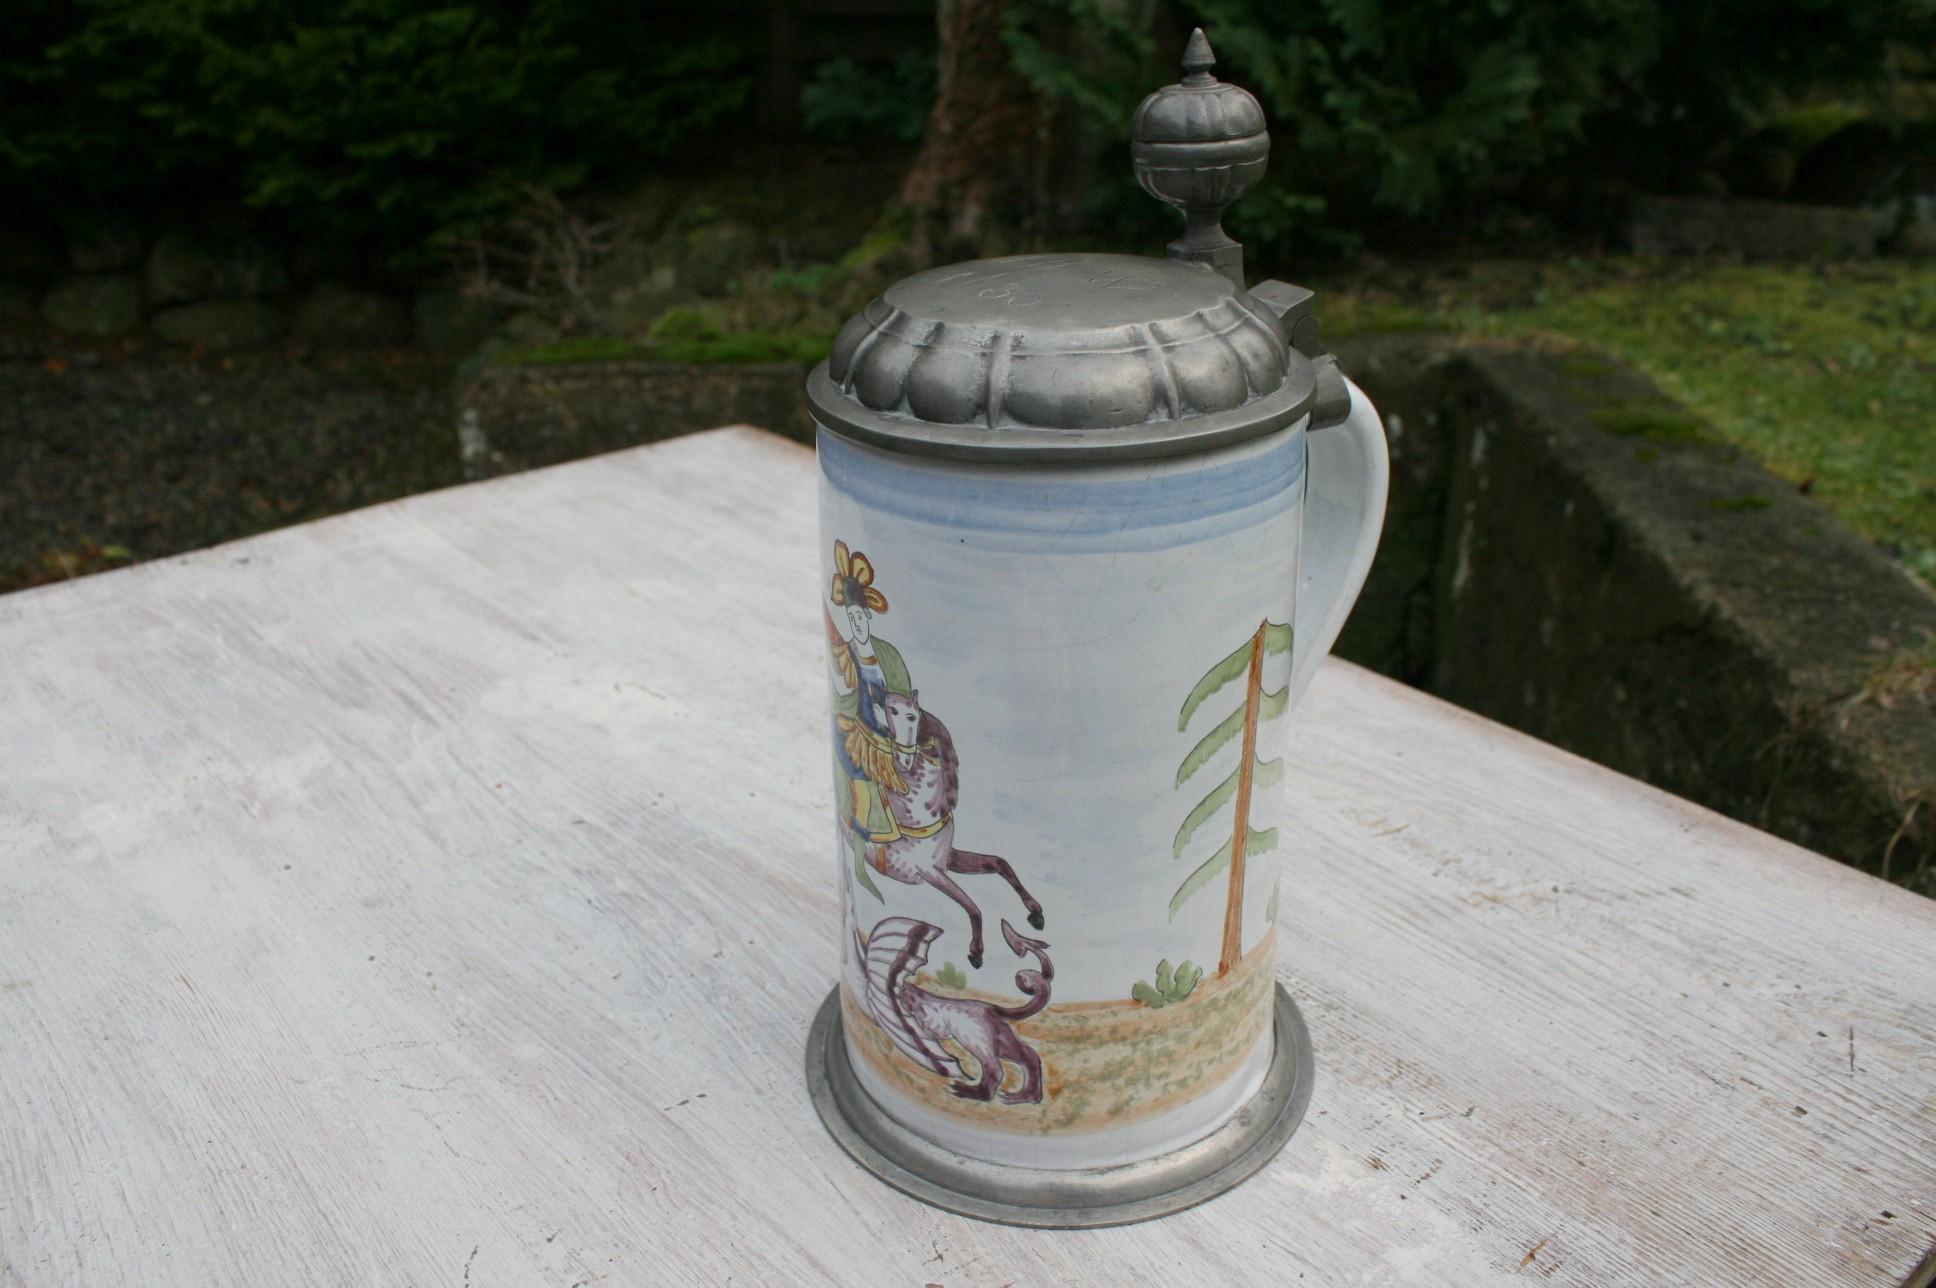 Antikt fajance krus med tin låg og dekoration af Hans Jørgen og dragen.